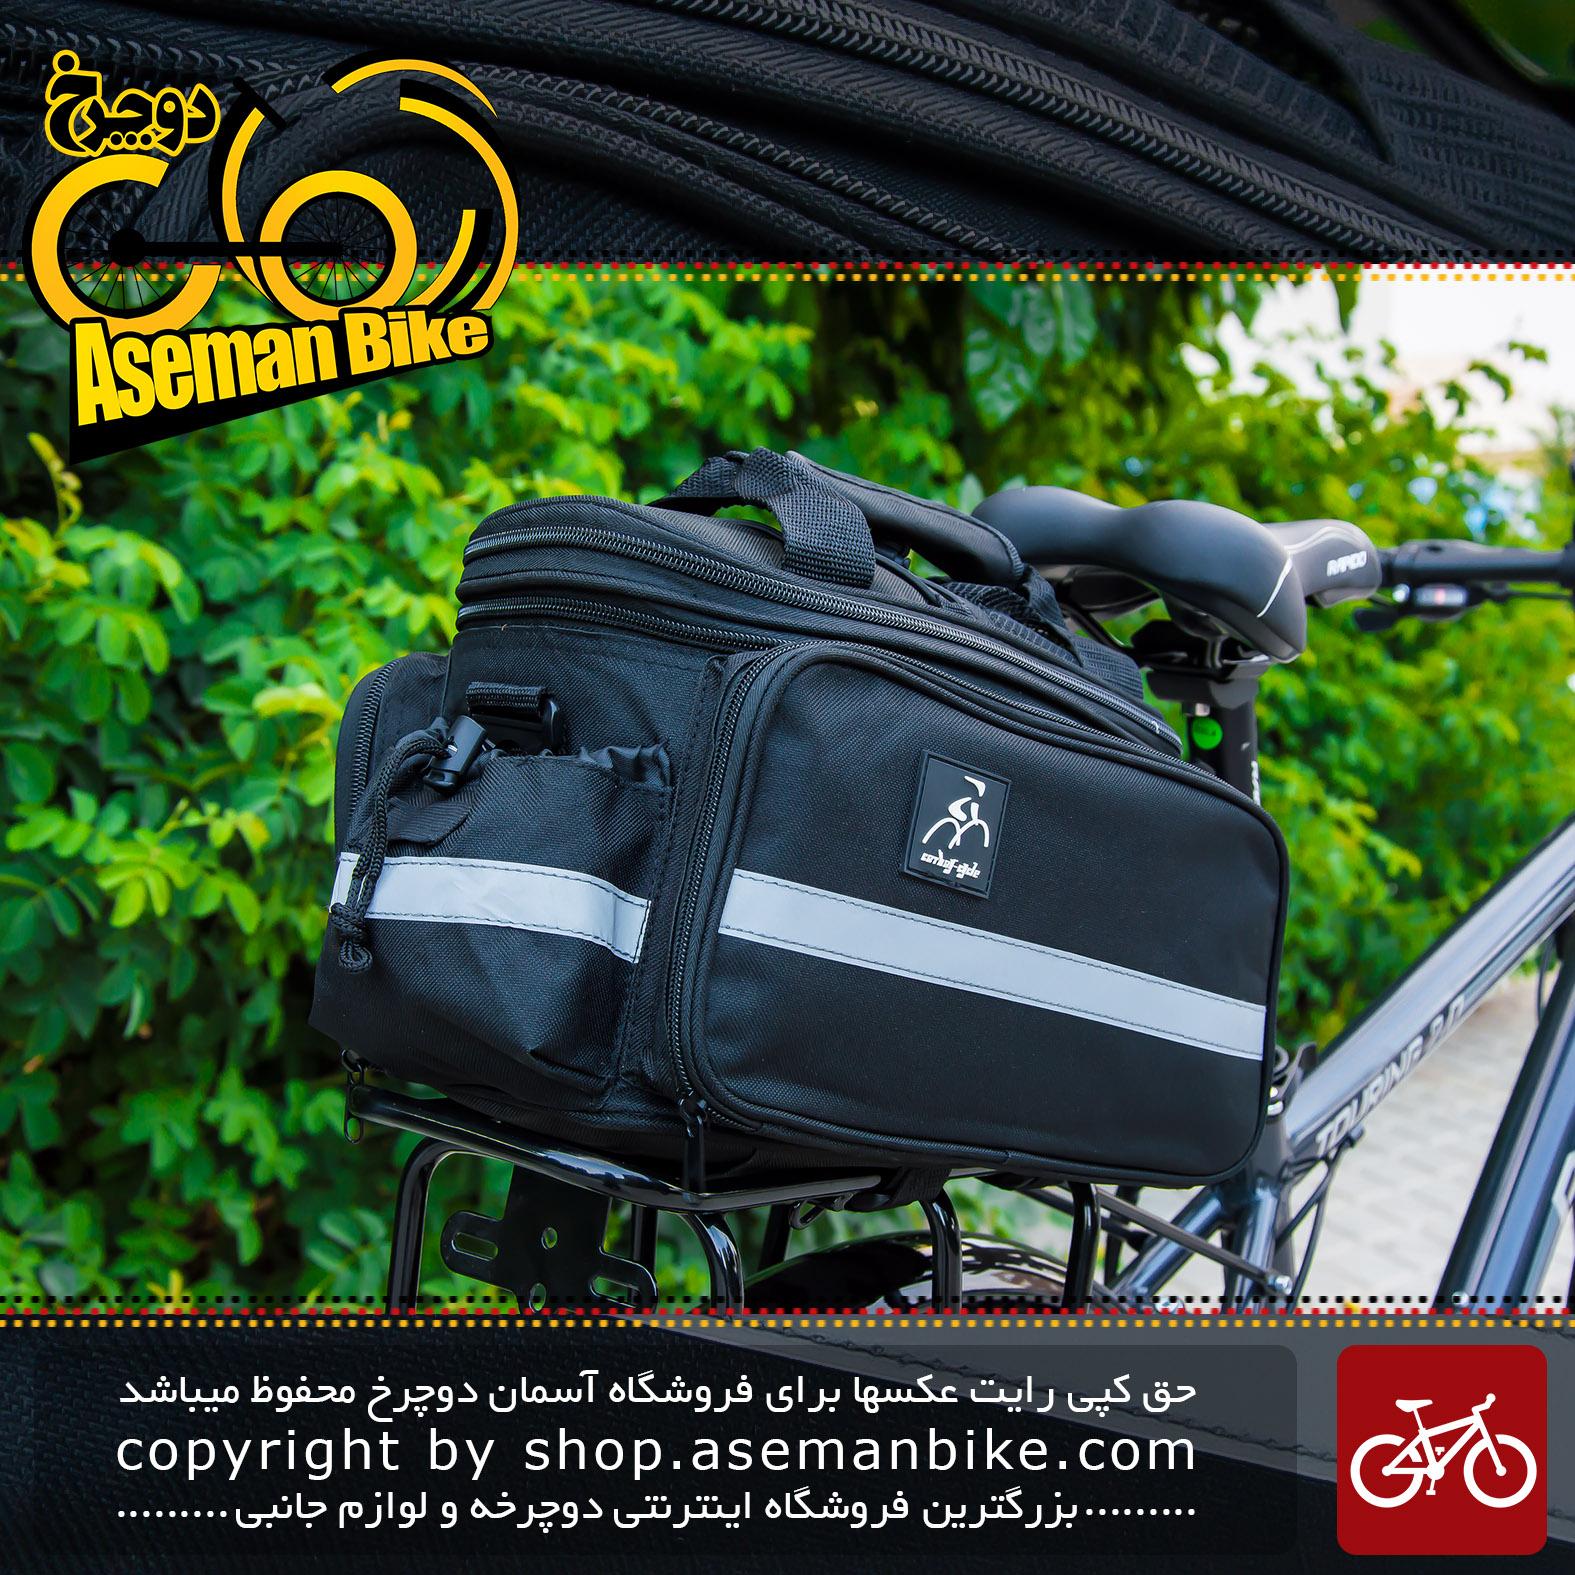 خورجین دوچرخه کاتهای سایکل Bag Bicycle Cathay Cycle